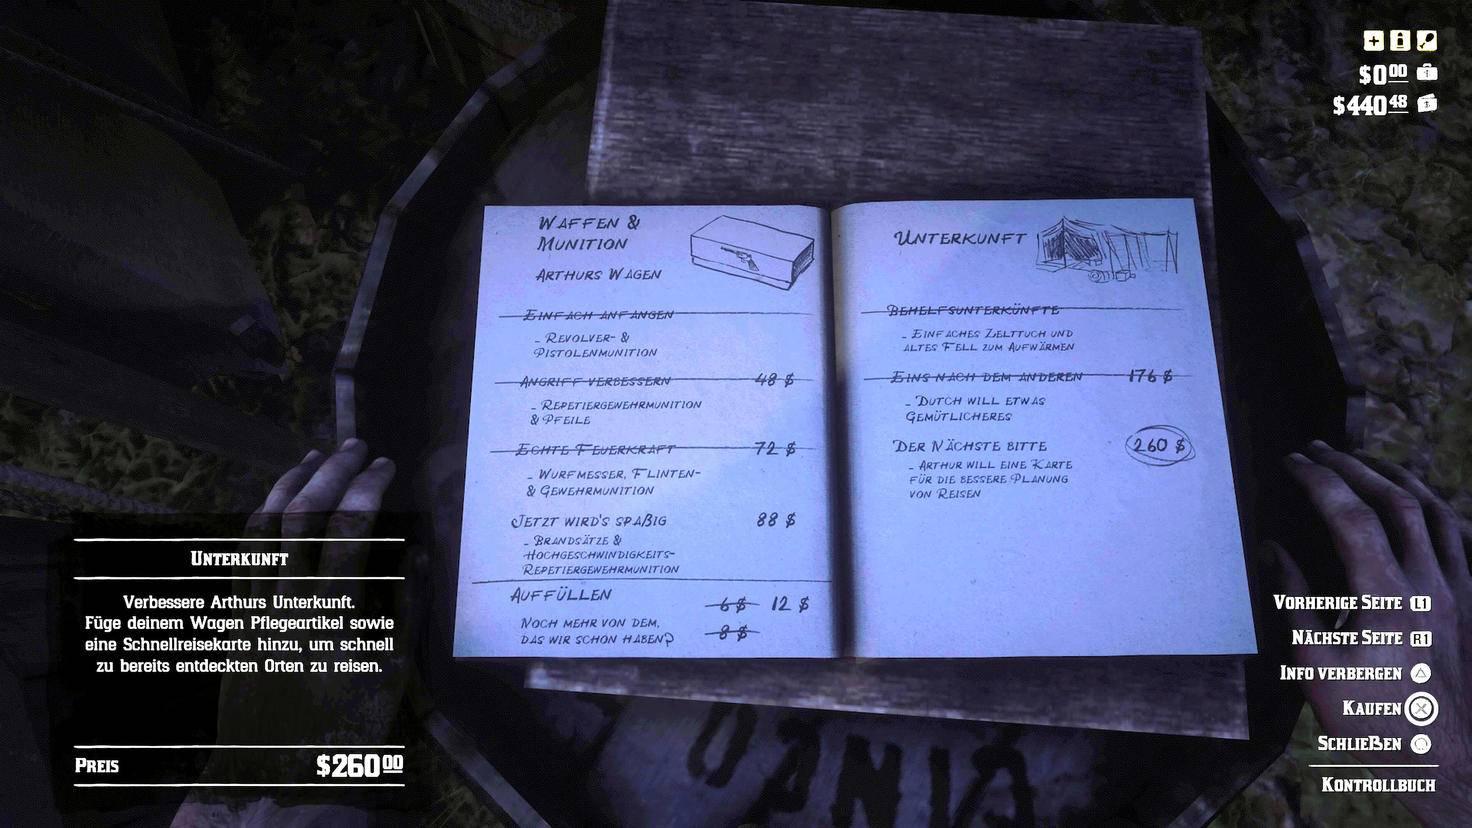 Im Kontrollbuch kaufst Du Upgrades für's Camp – darunter auch die Schnellreise-Karte.